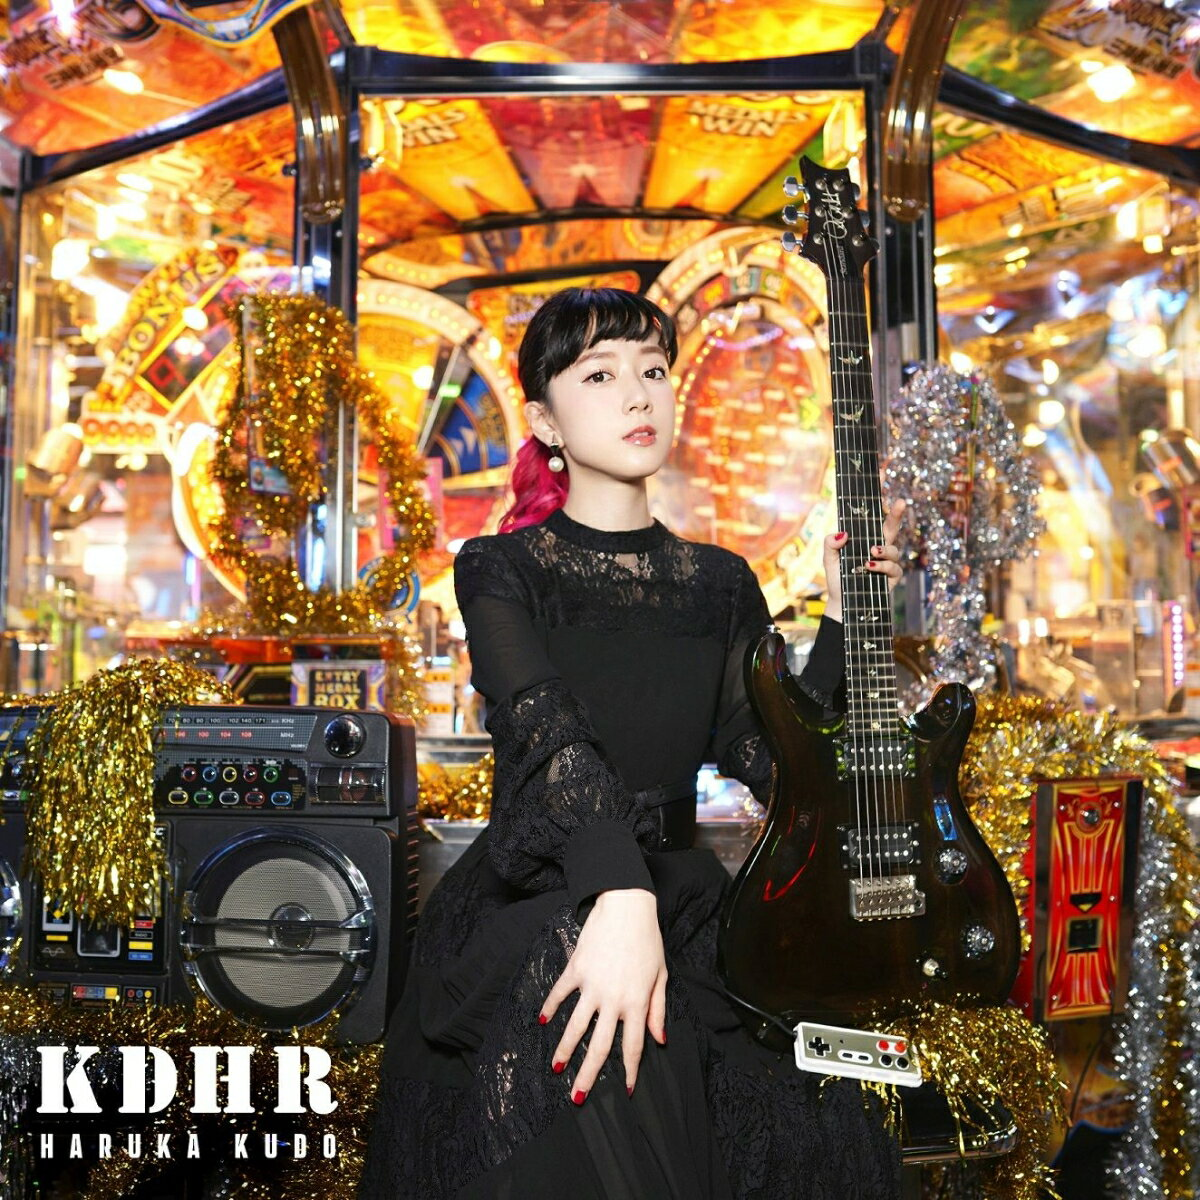 邦楽, ロック・ポップス KDHR (TYPE-A CDM-CARD)